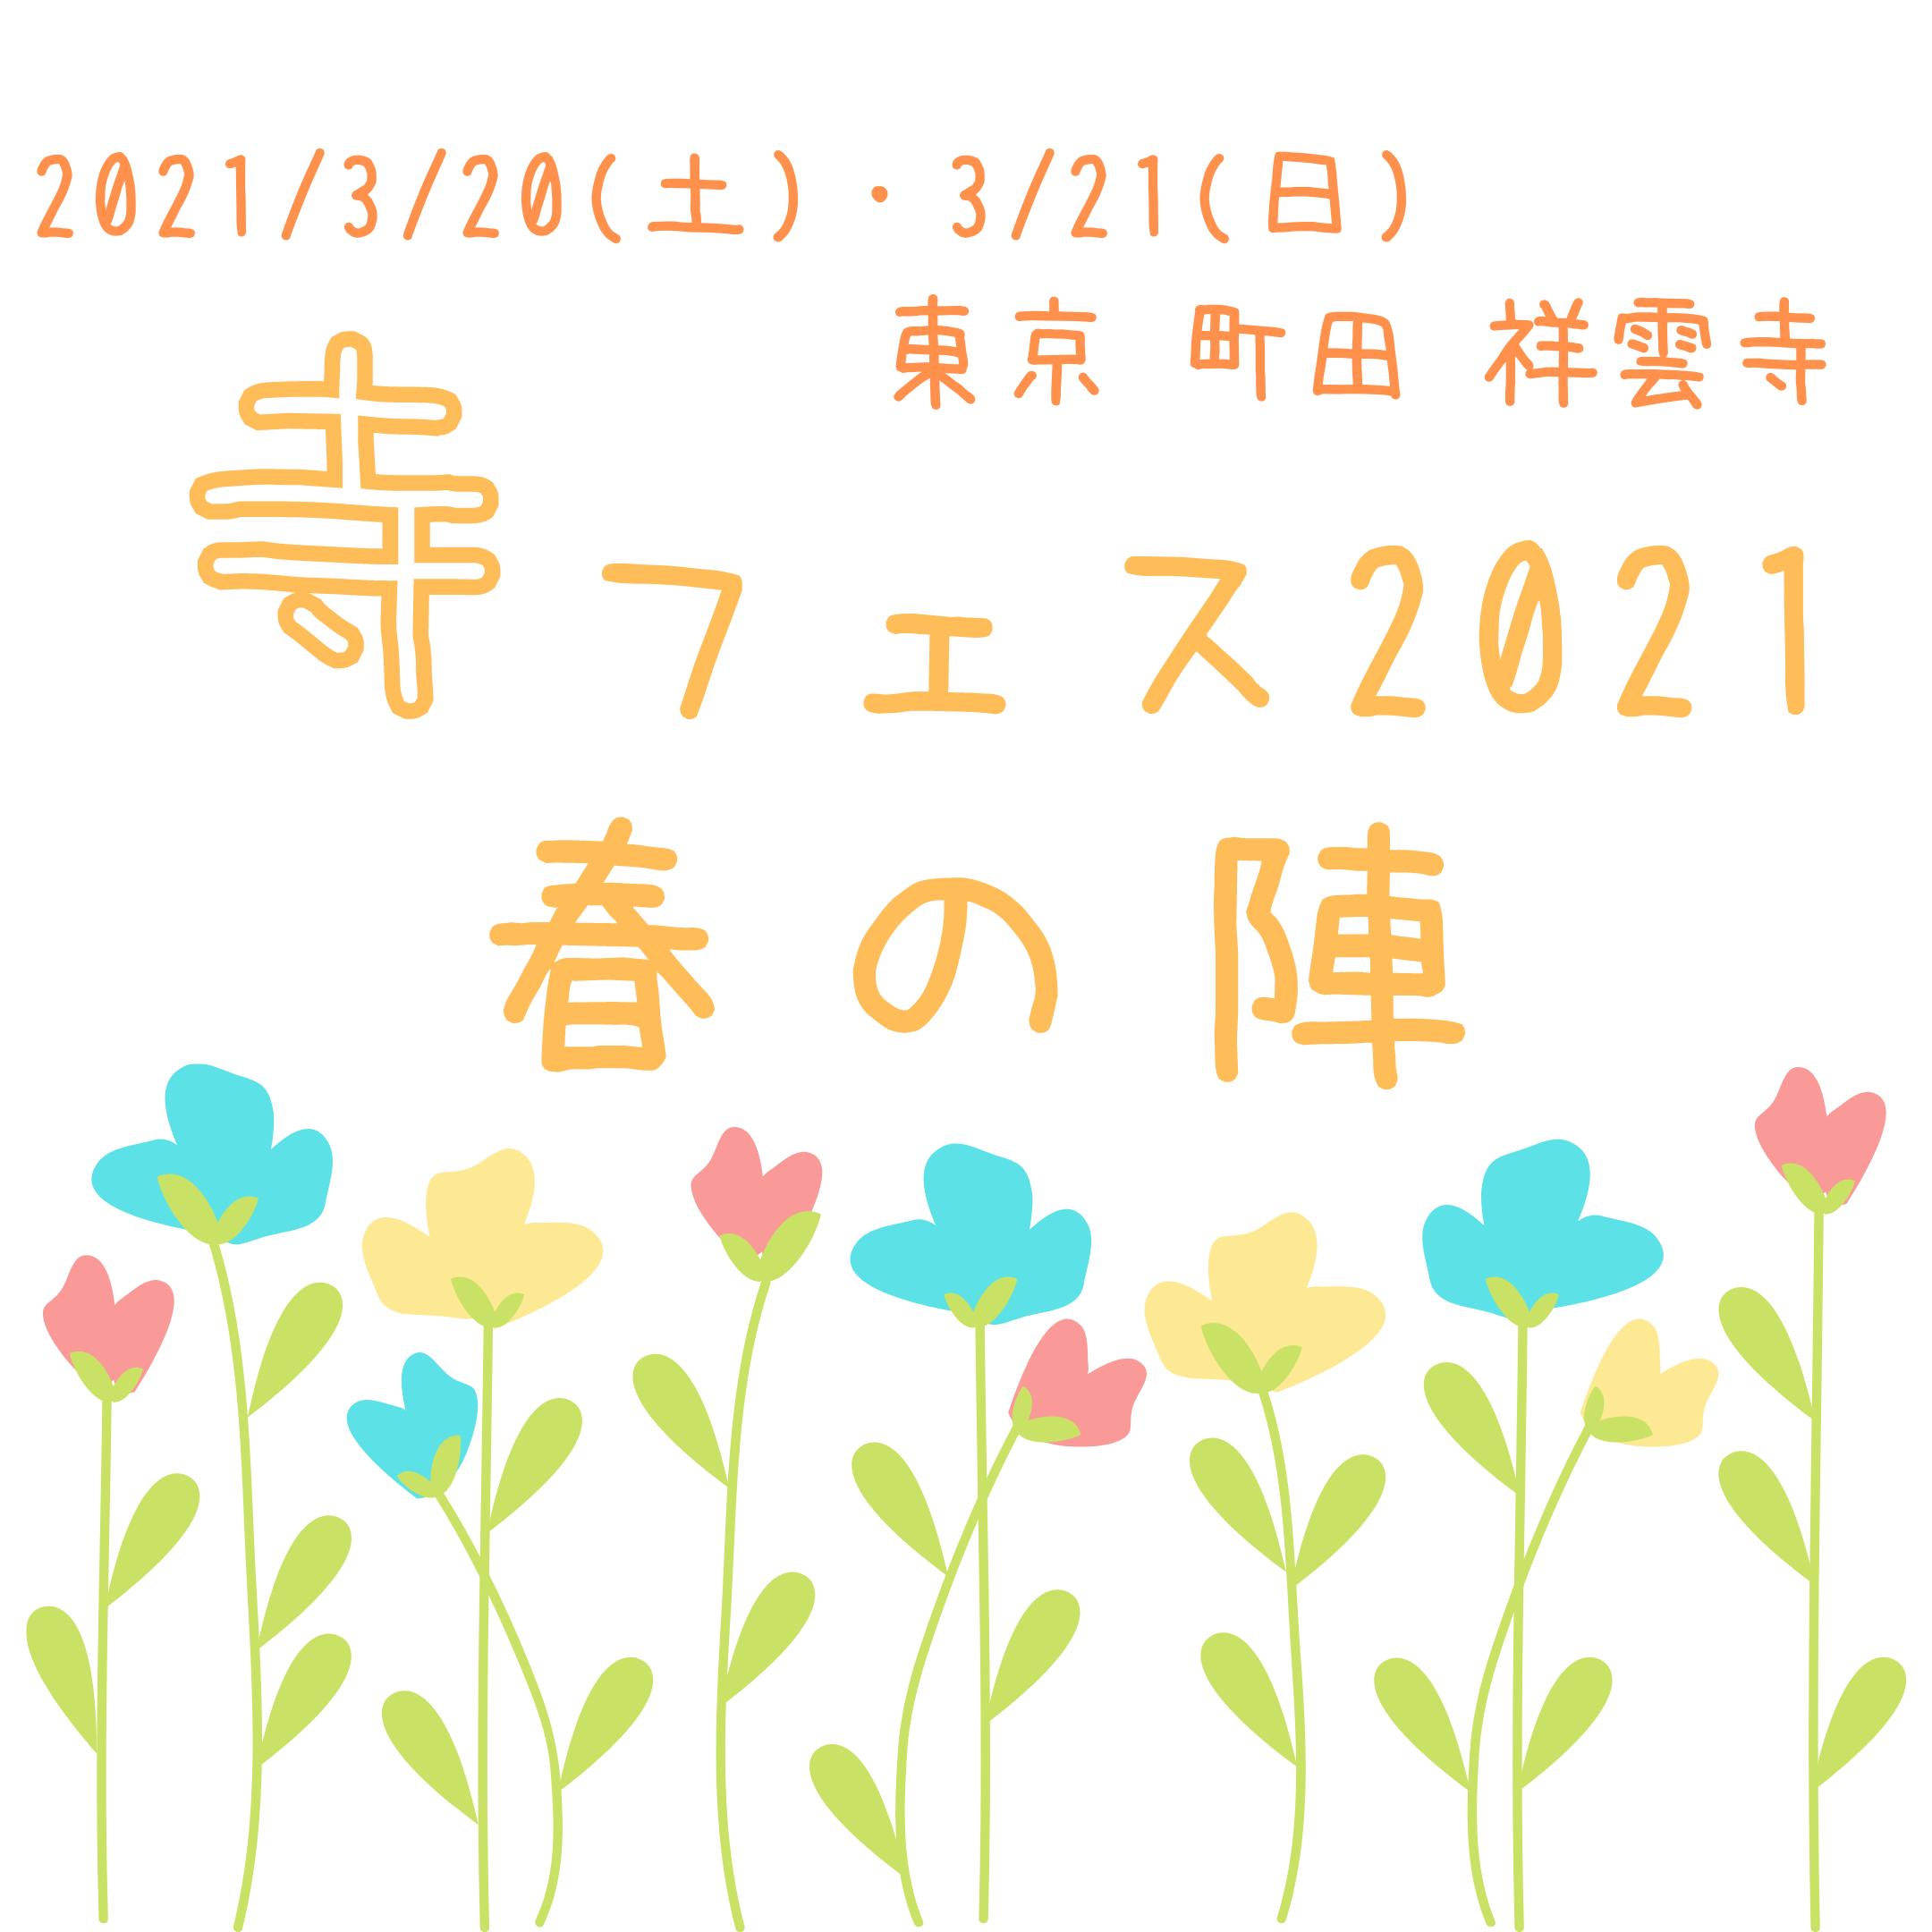 「寺フェス2021春の陣」に出店いたします♪